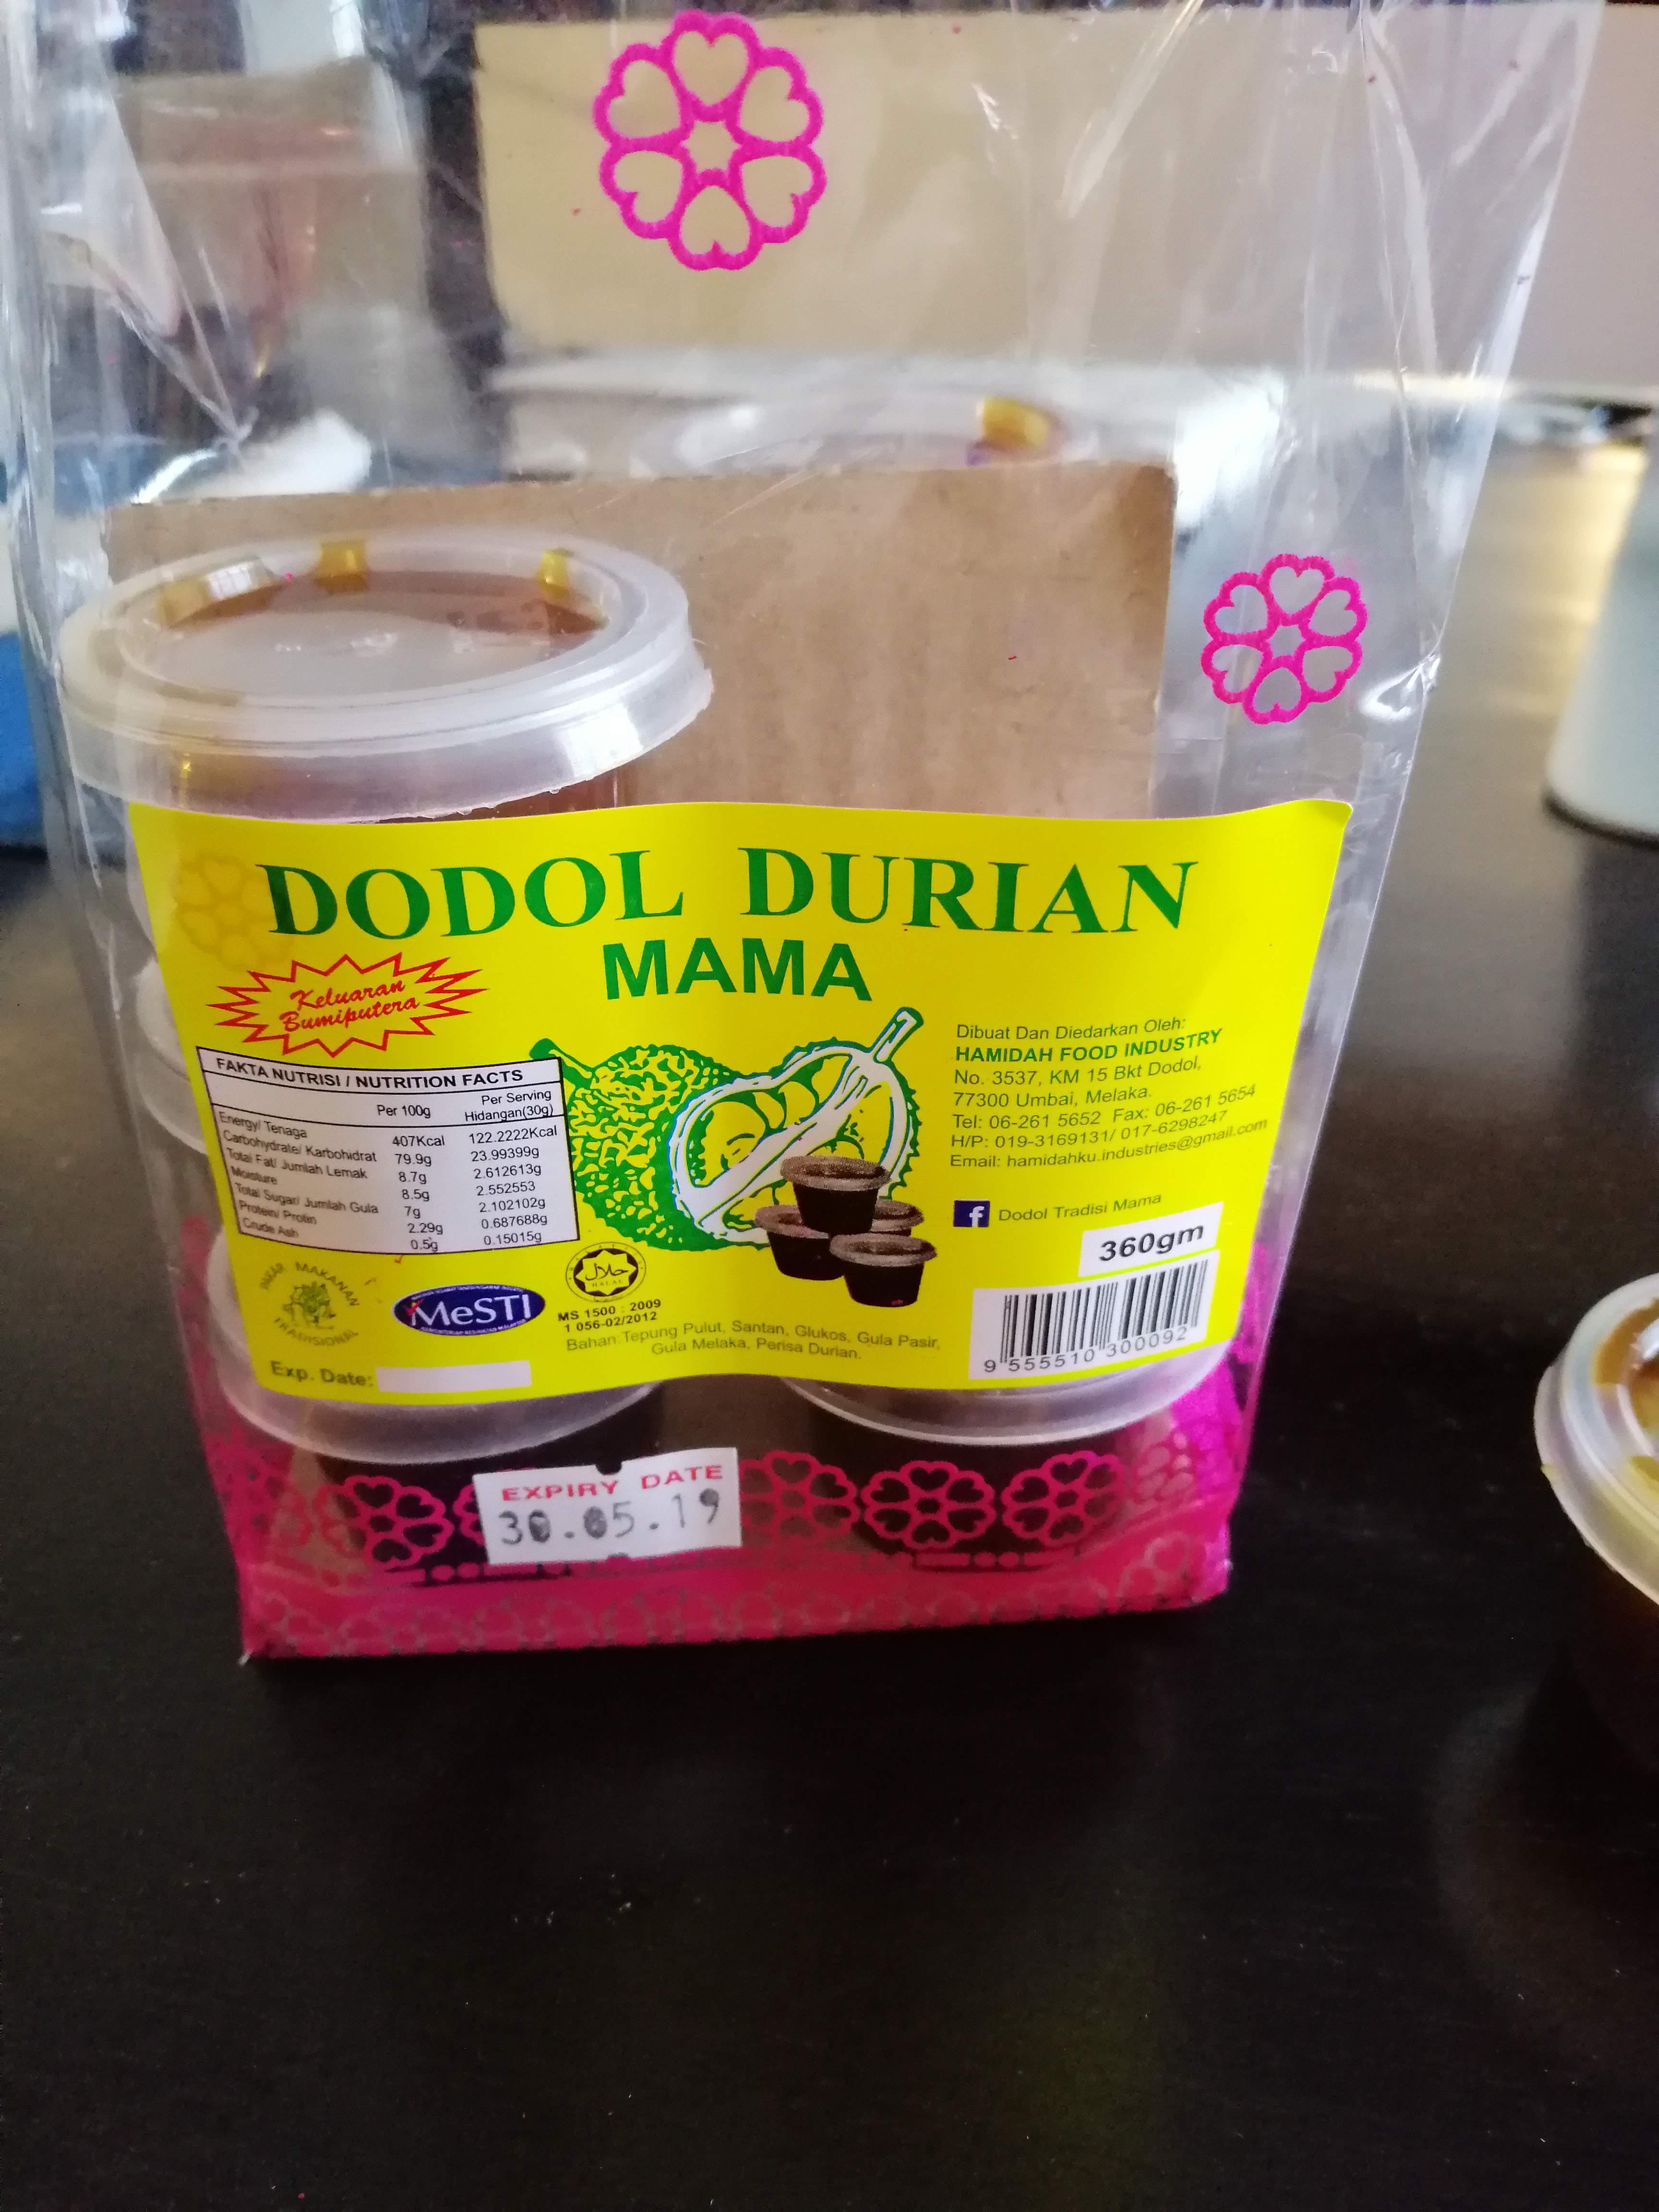 Dodol Durian Mama